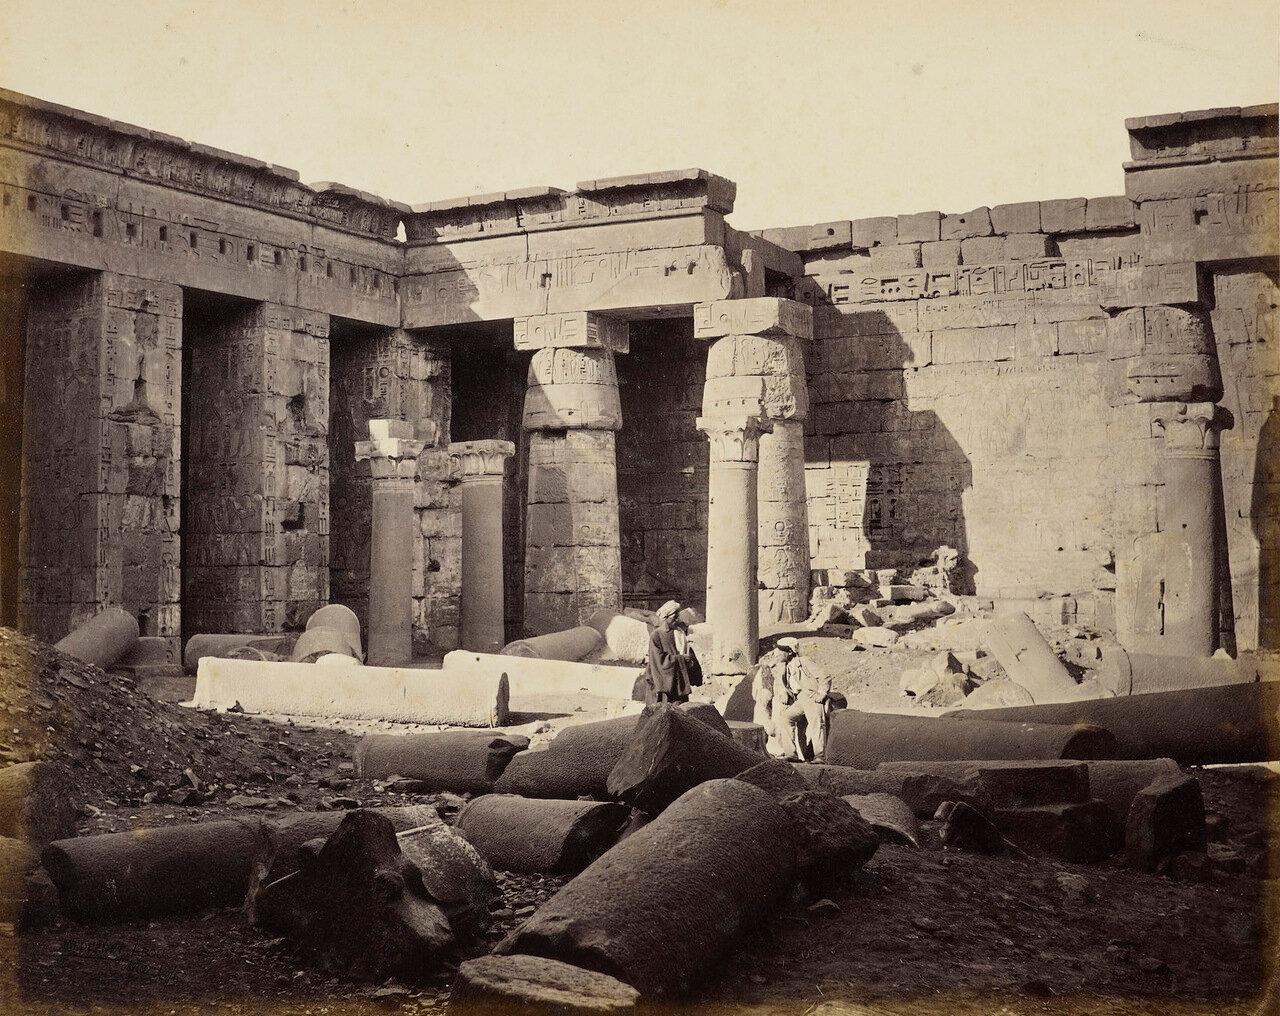 17 марта 1862. Большой двор храма. Видны остатки христианской церкви. Мединет Абу, Фивы